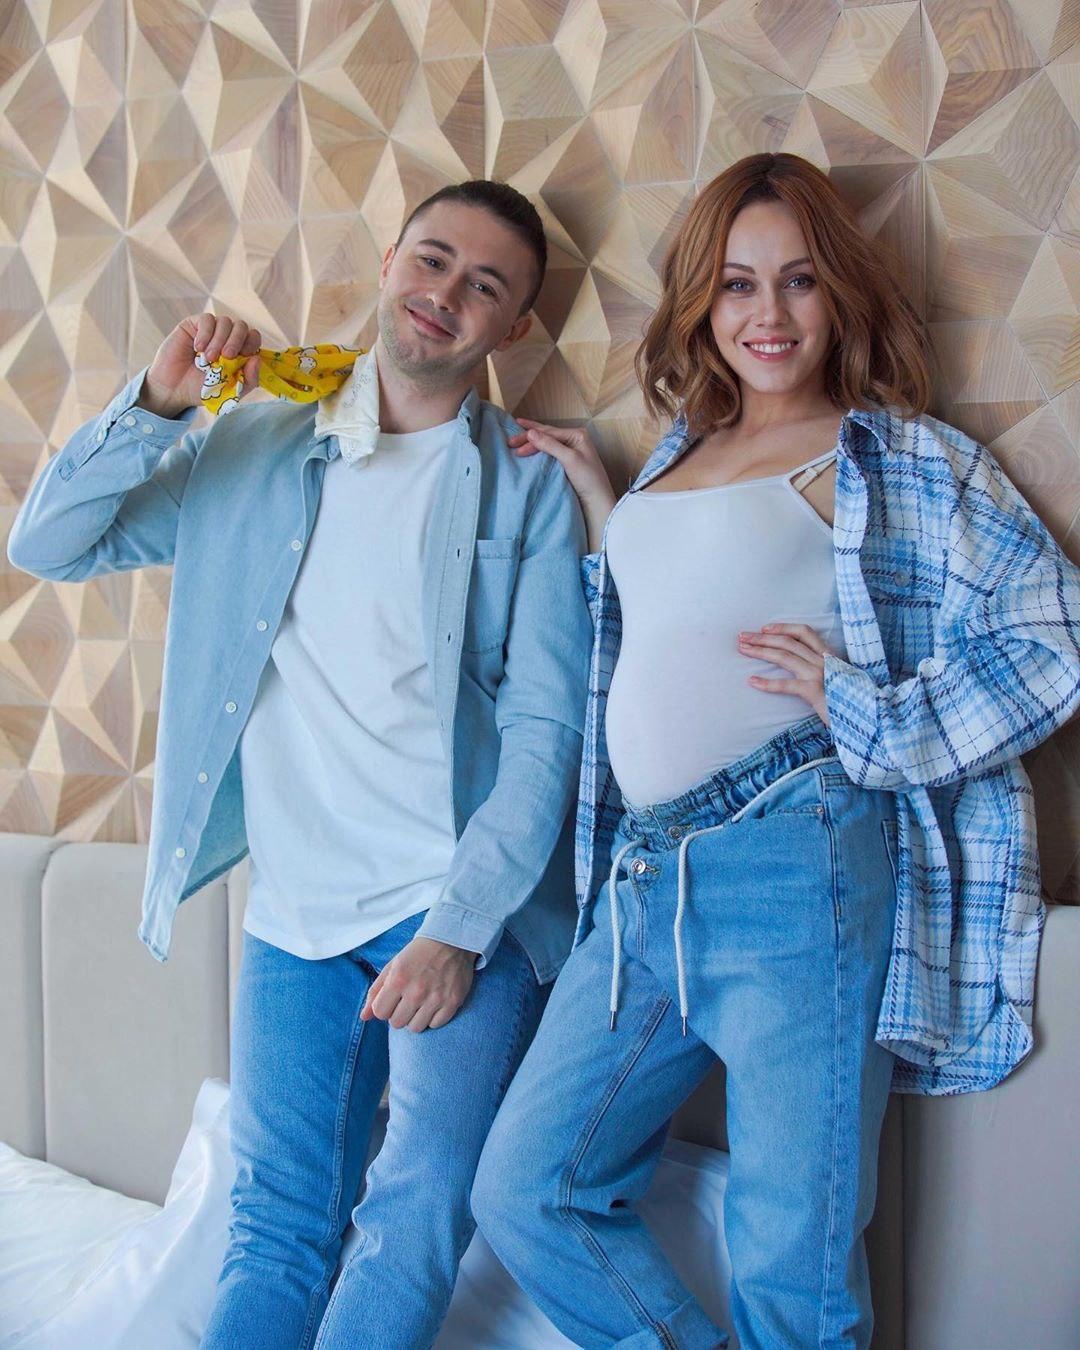 Тарас Тополя и беременная ALYOSHA